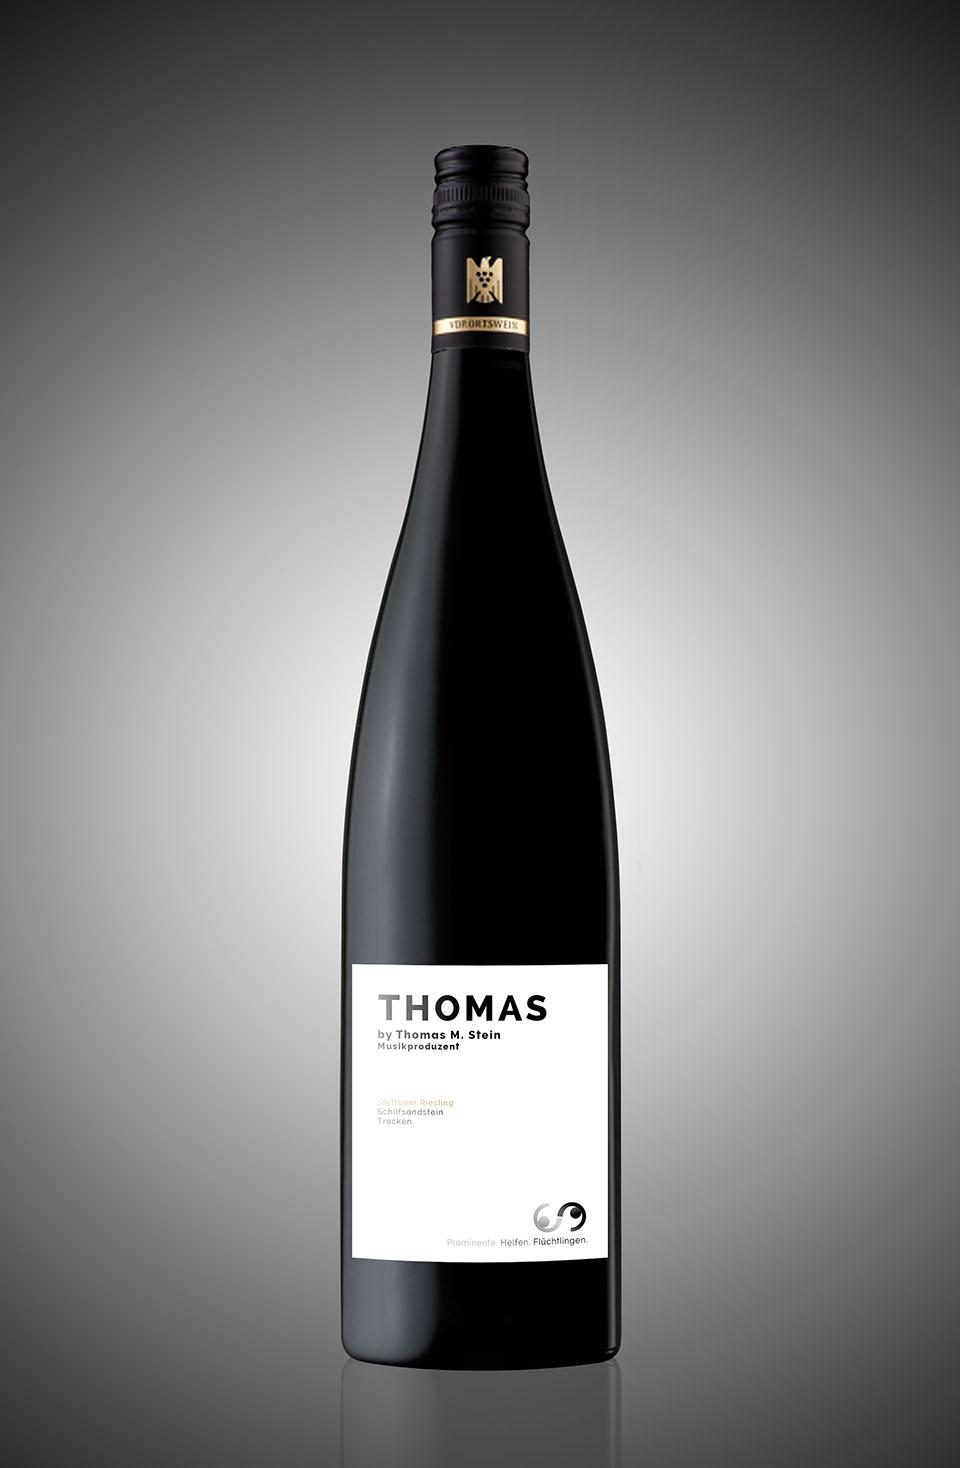 Thomas M. Stein | WeinKommunikatoren